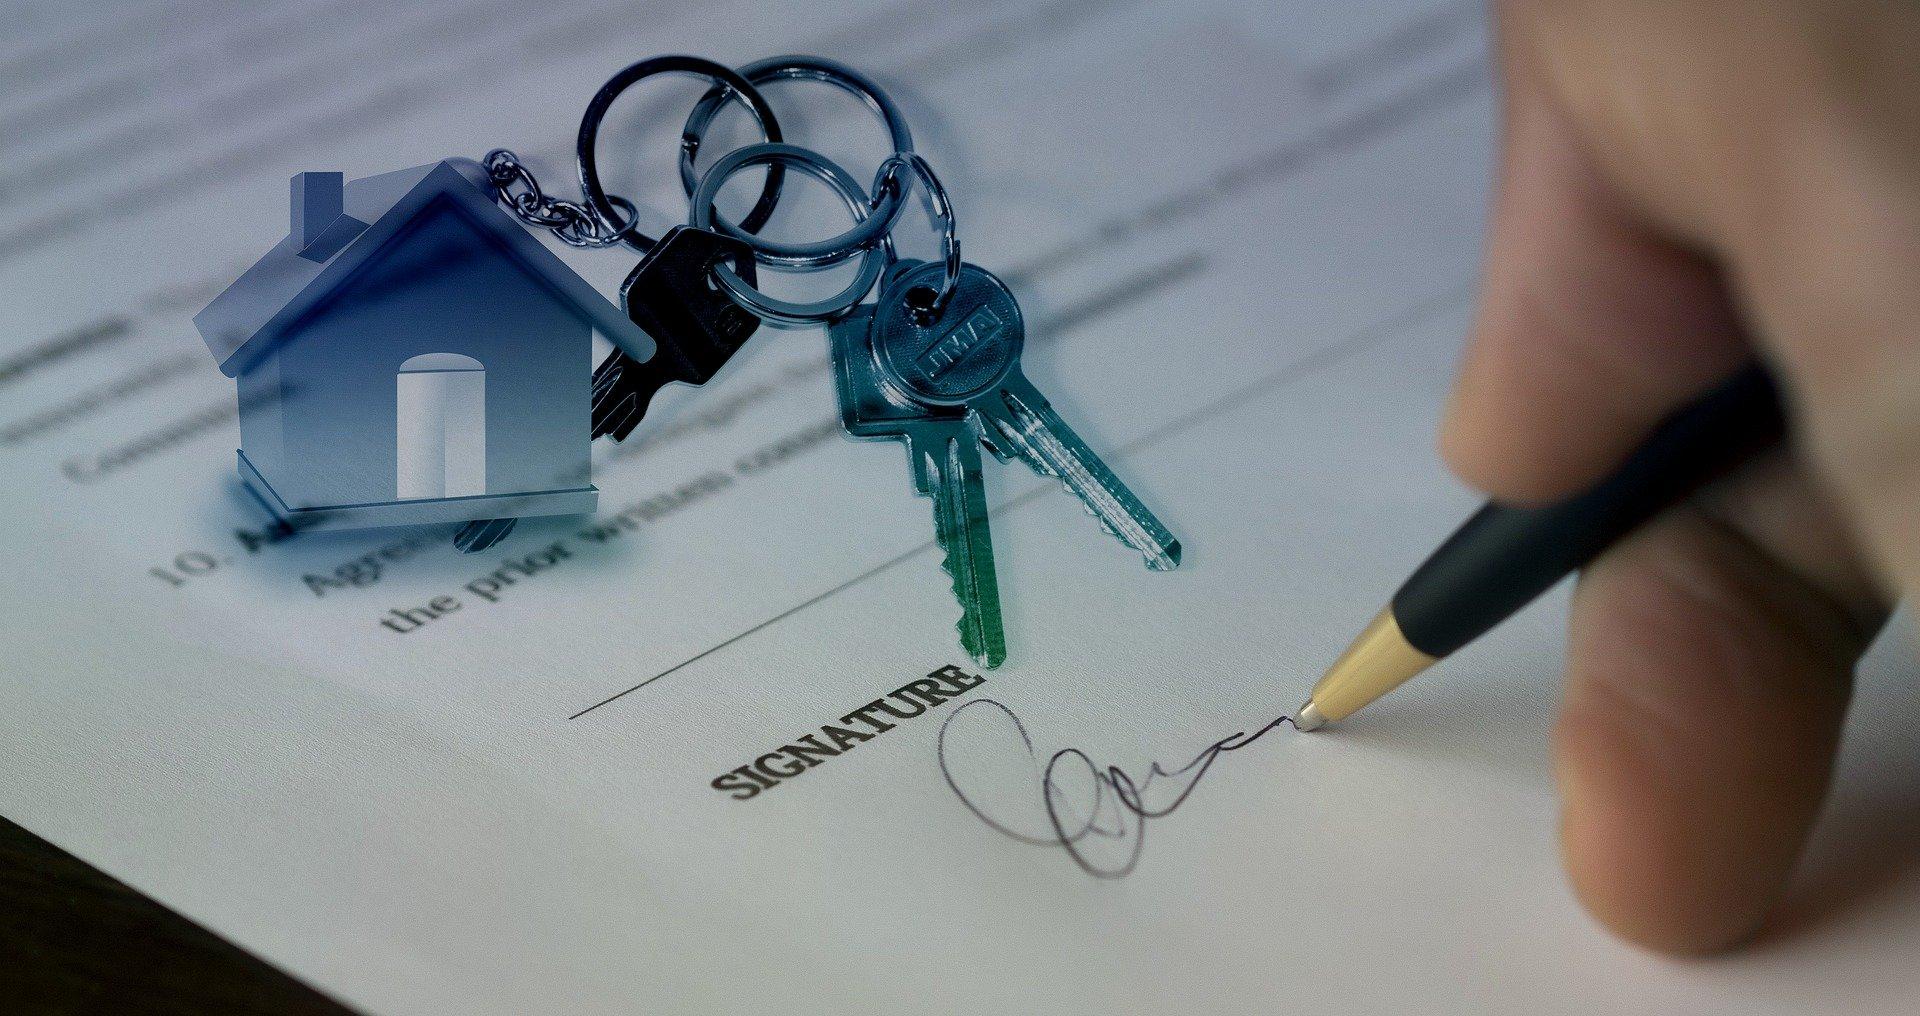 Taxa de juro no crédito à habitação em baixa